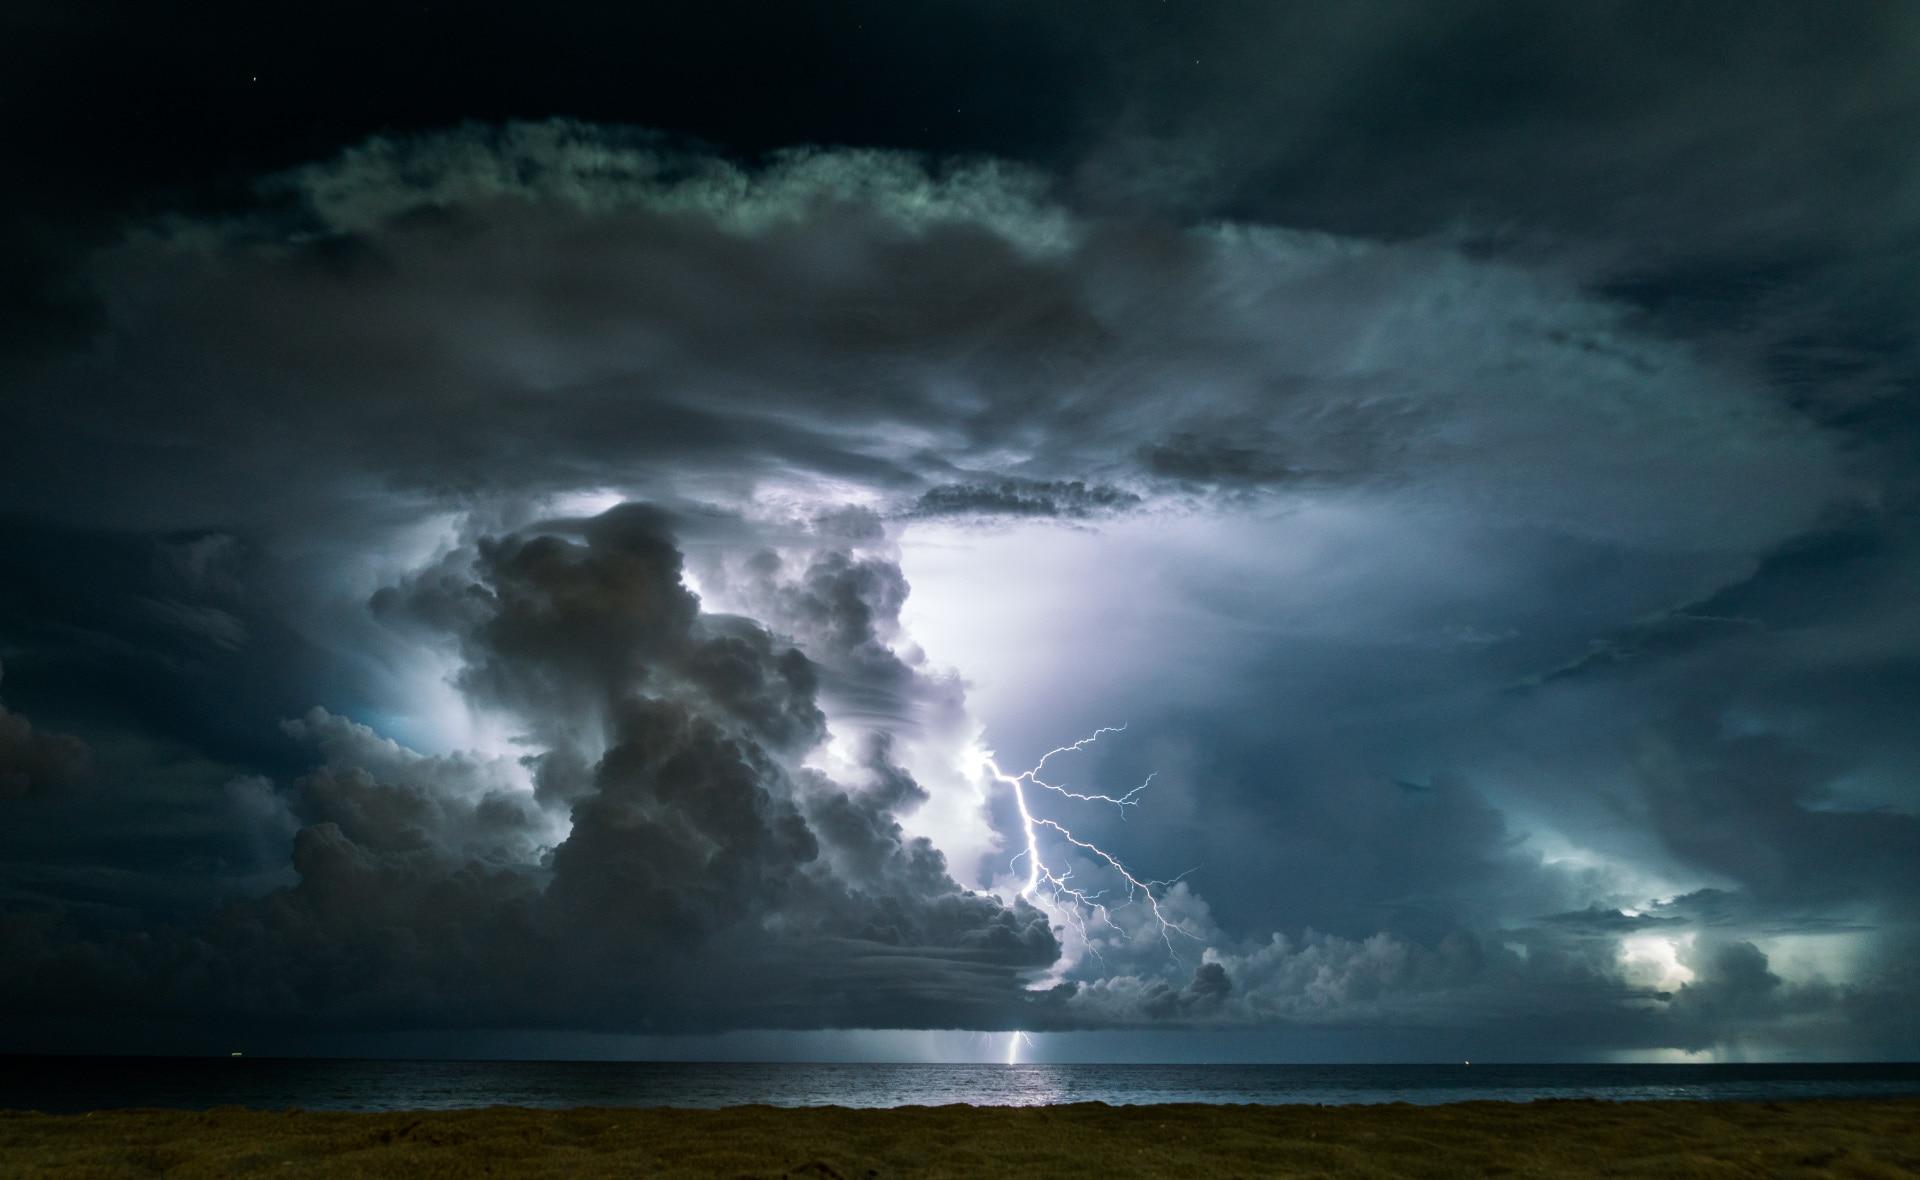 tormentas-temporal-tiempo-planeta-temperatura-fenomenos-meteorologia